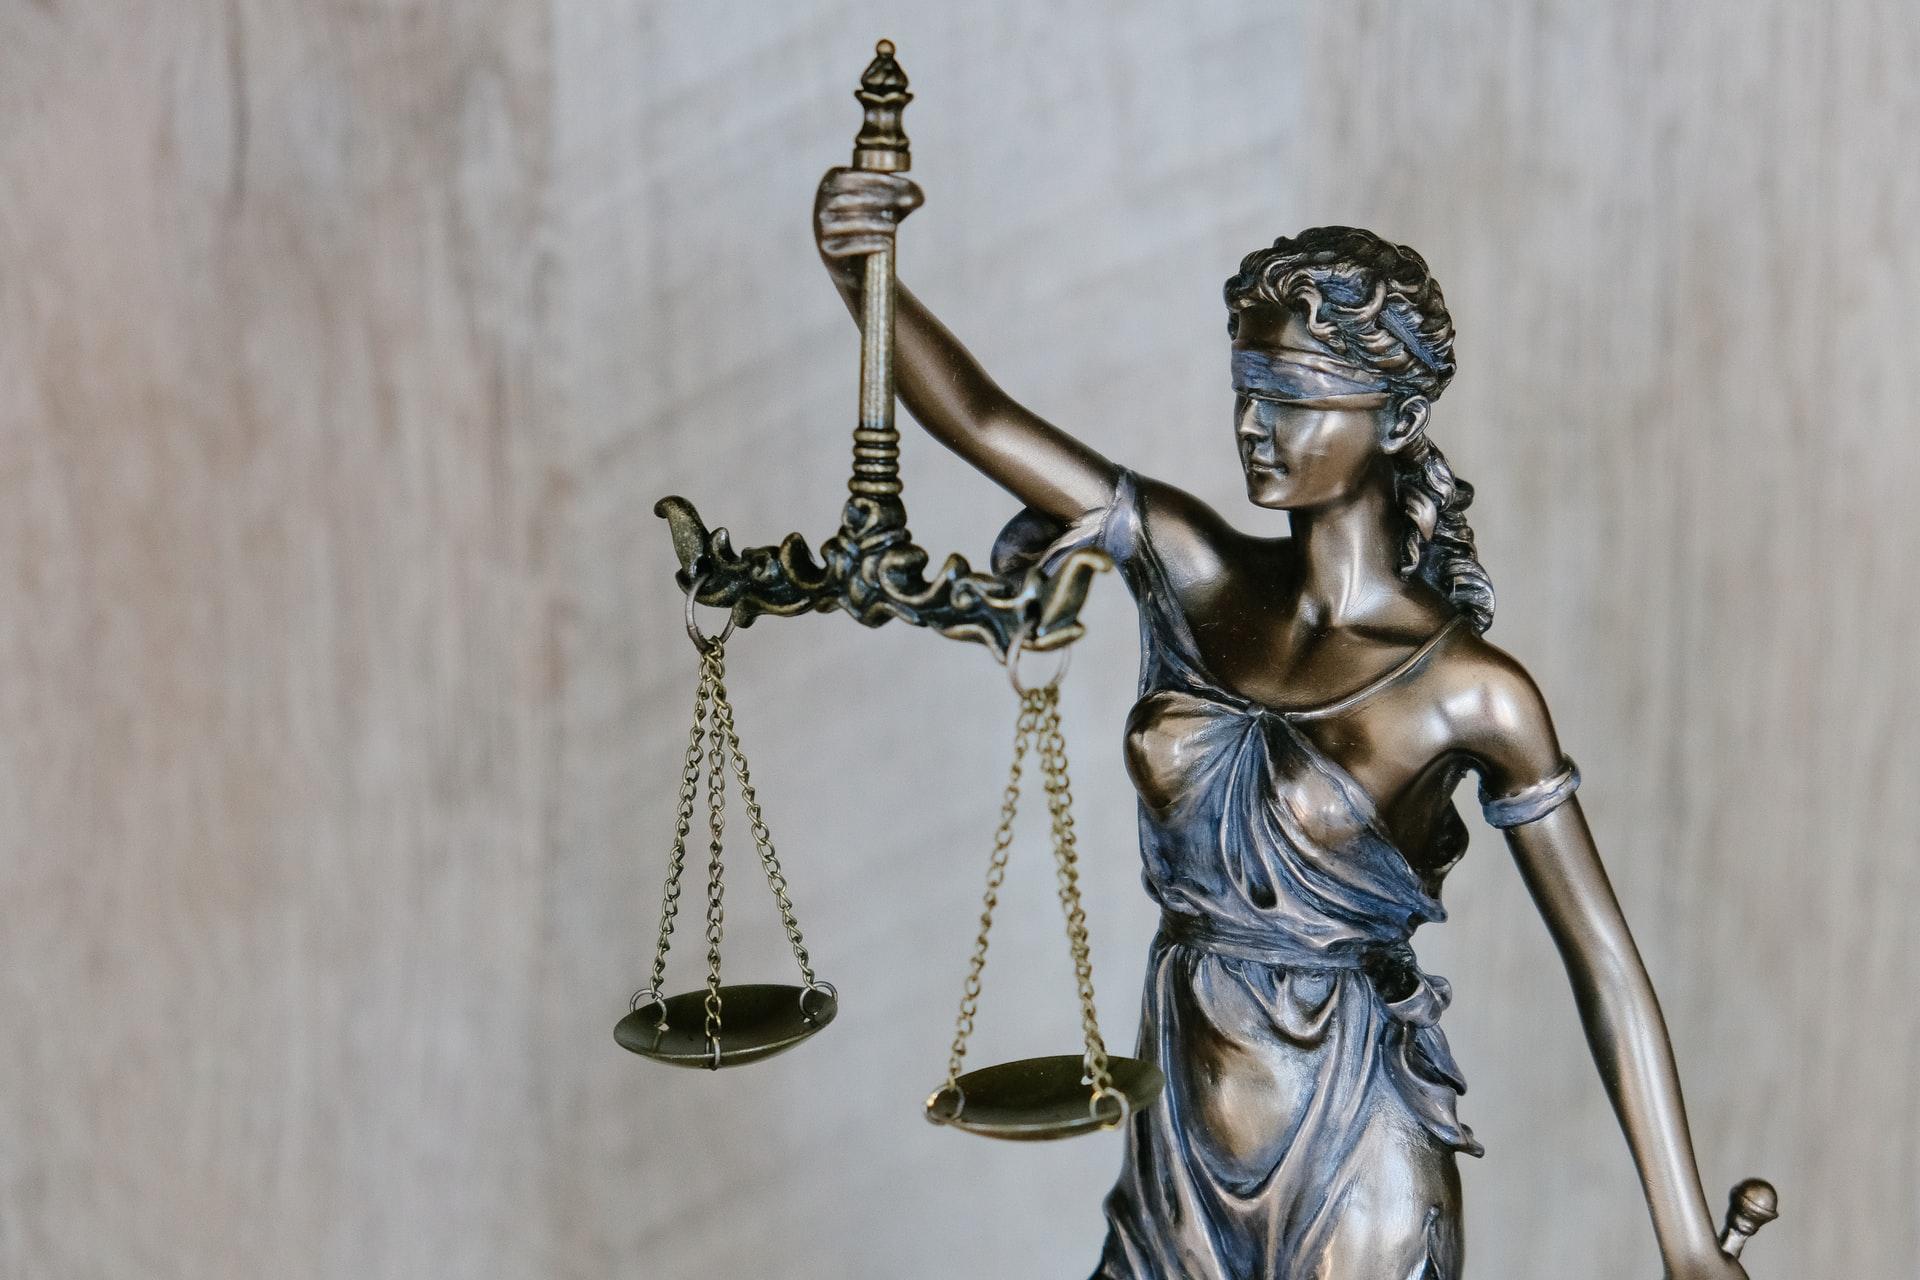 Mahasiswa Baru Fakultas Hukum Wajib Baca 3 Hal Ini!